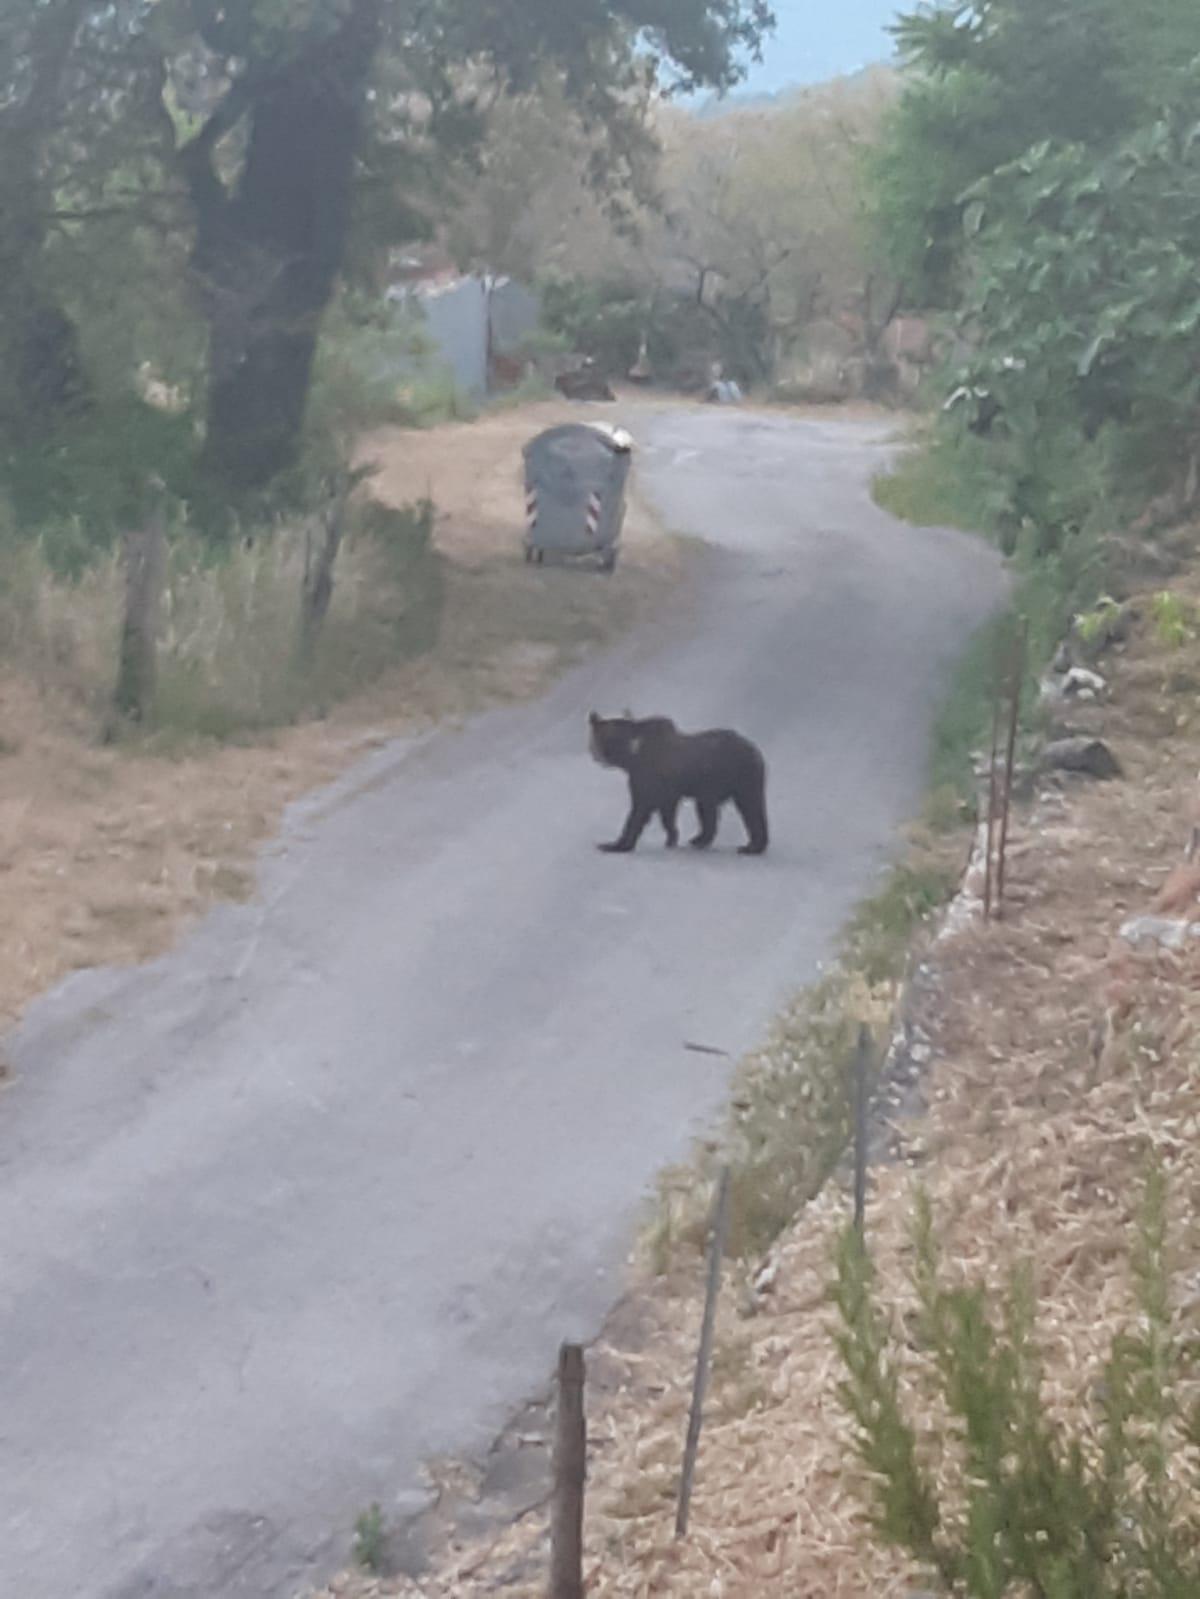 Valle del Volturno: Gli orsi avvistati sarebbero tre. Il Parco avvia i controlli